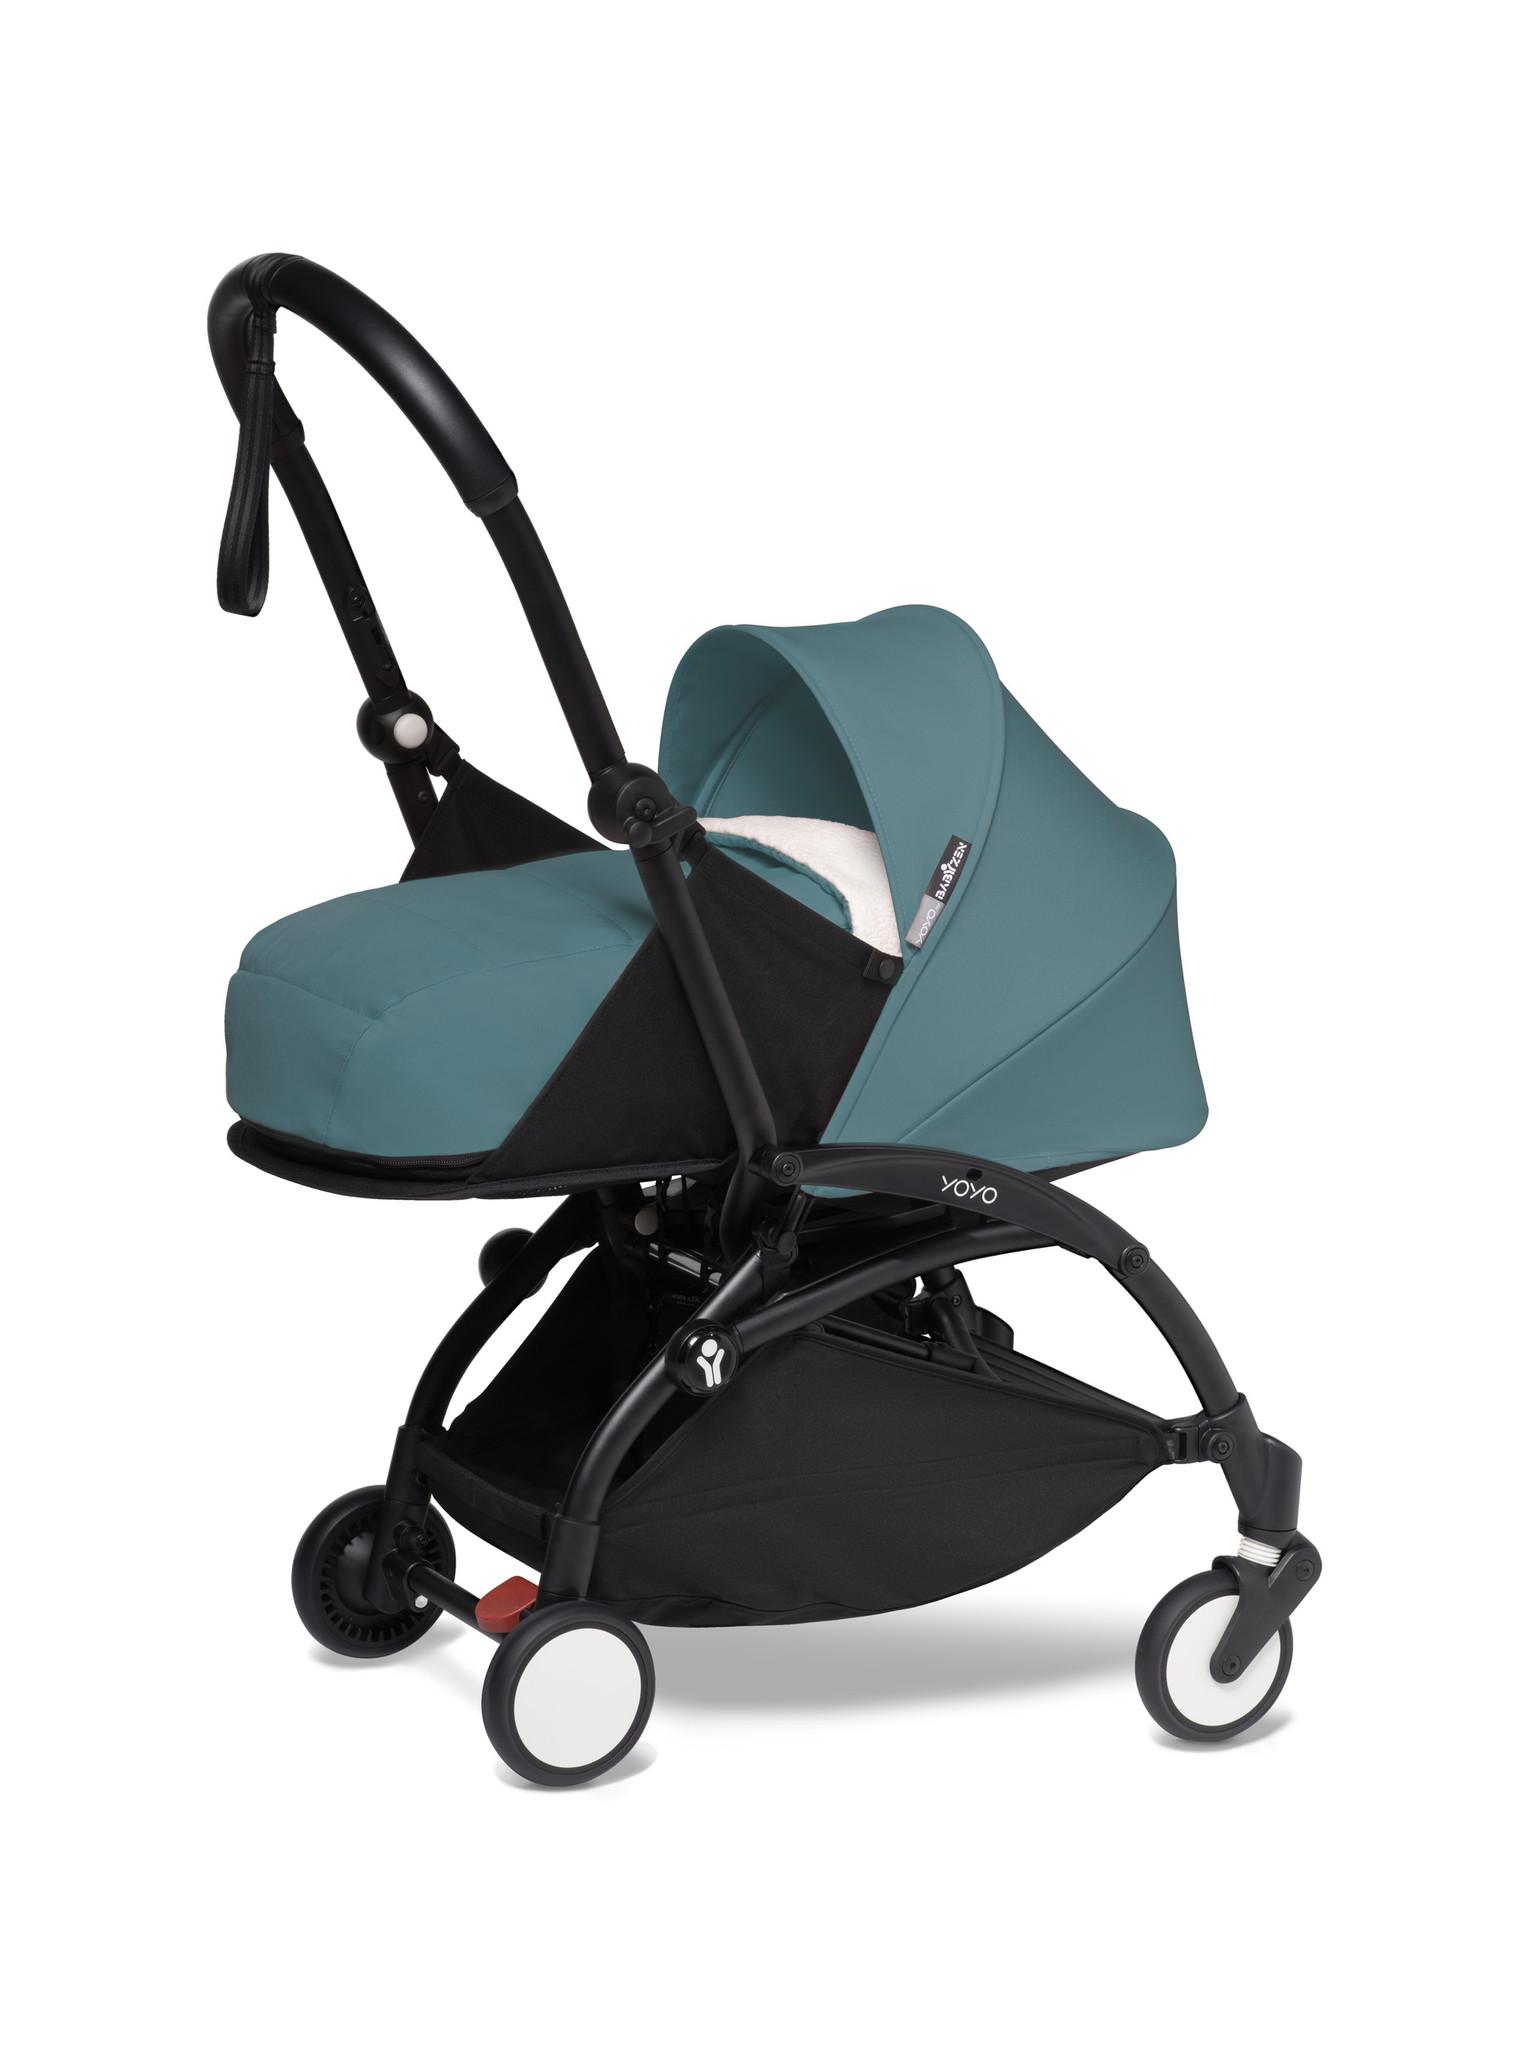 Babyzen Babyzen YOYO² Buggy VOLLSTÄNDIG von Geburt an und inklusive YOYO Bag - Aqua mit schwarzem Rahmen